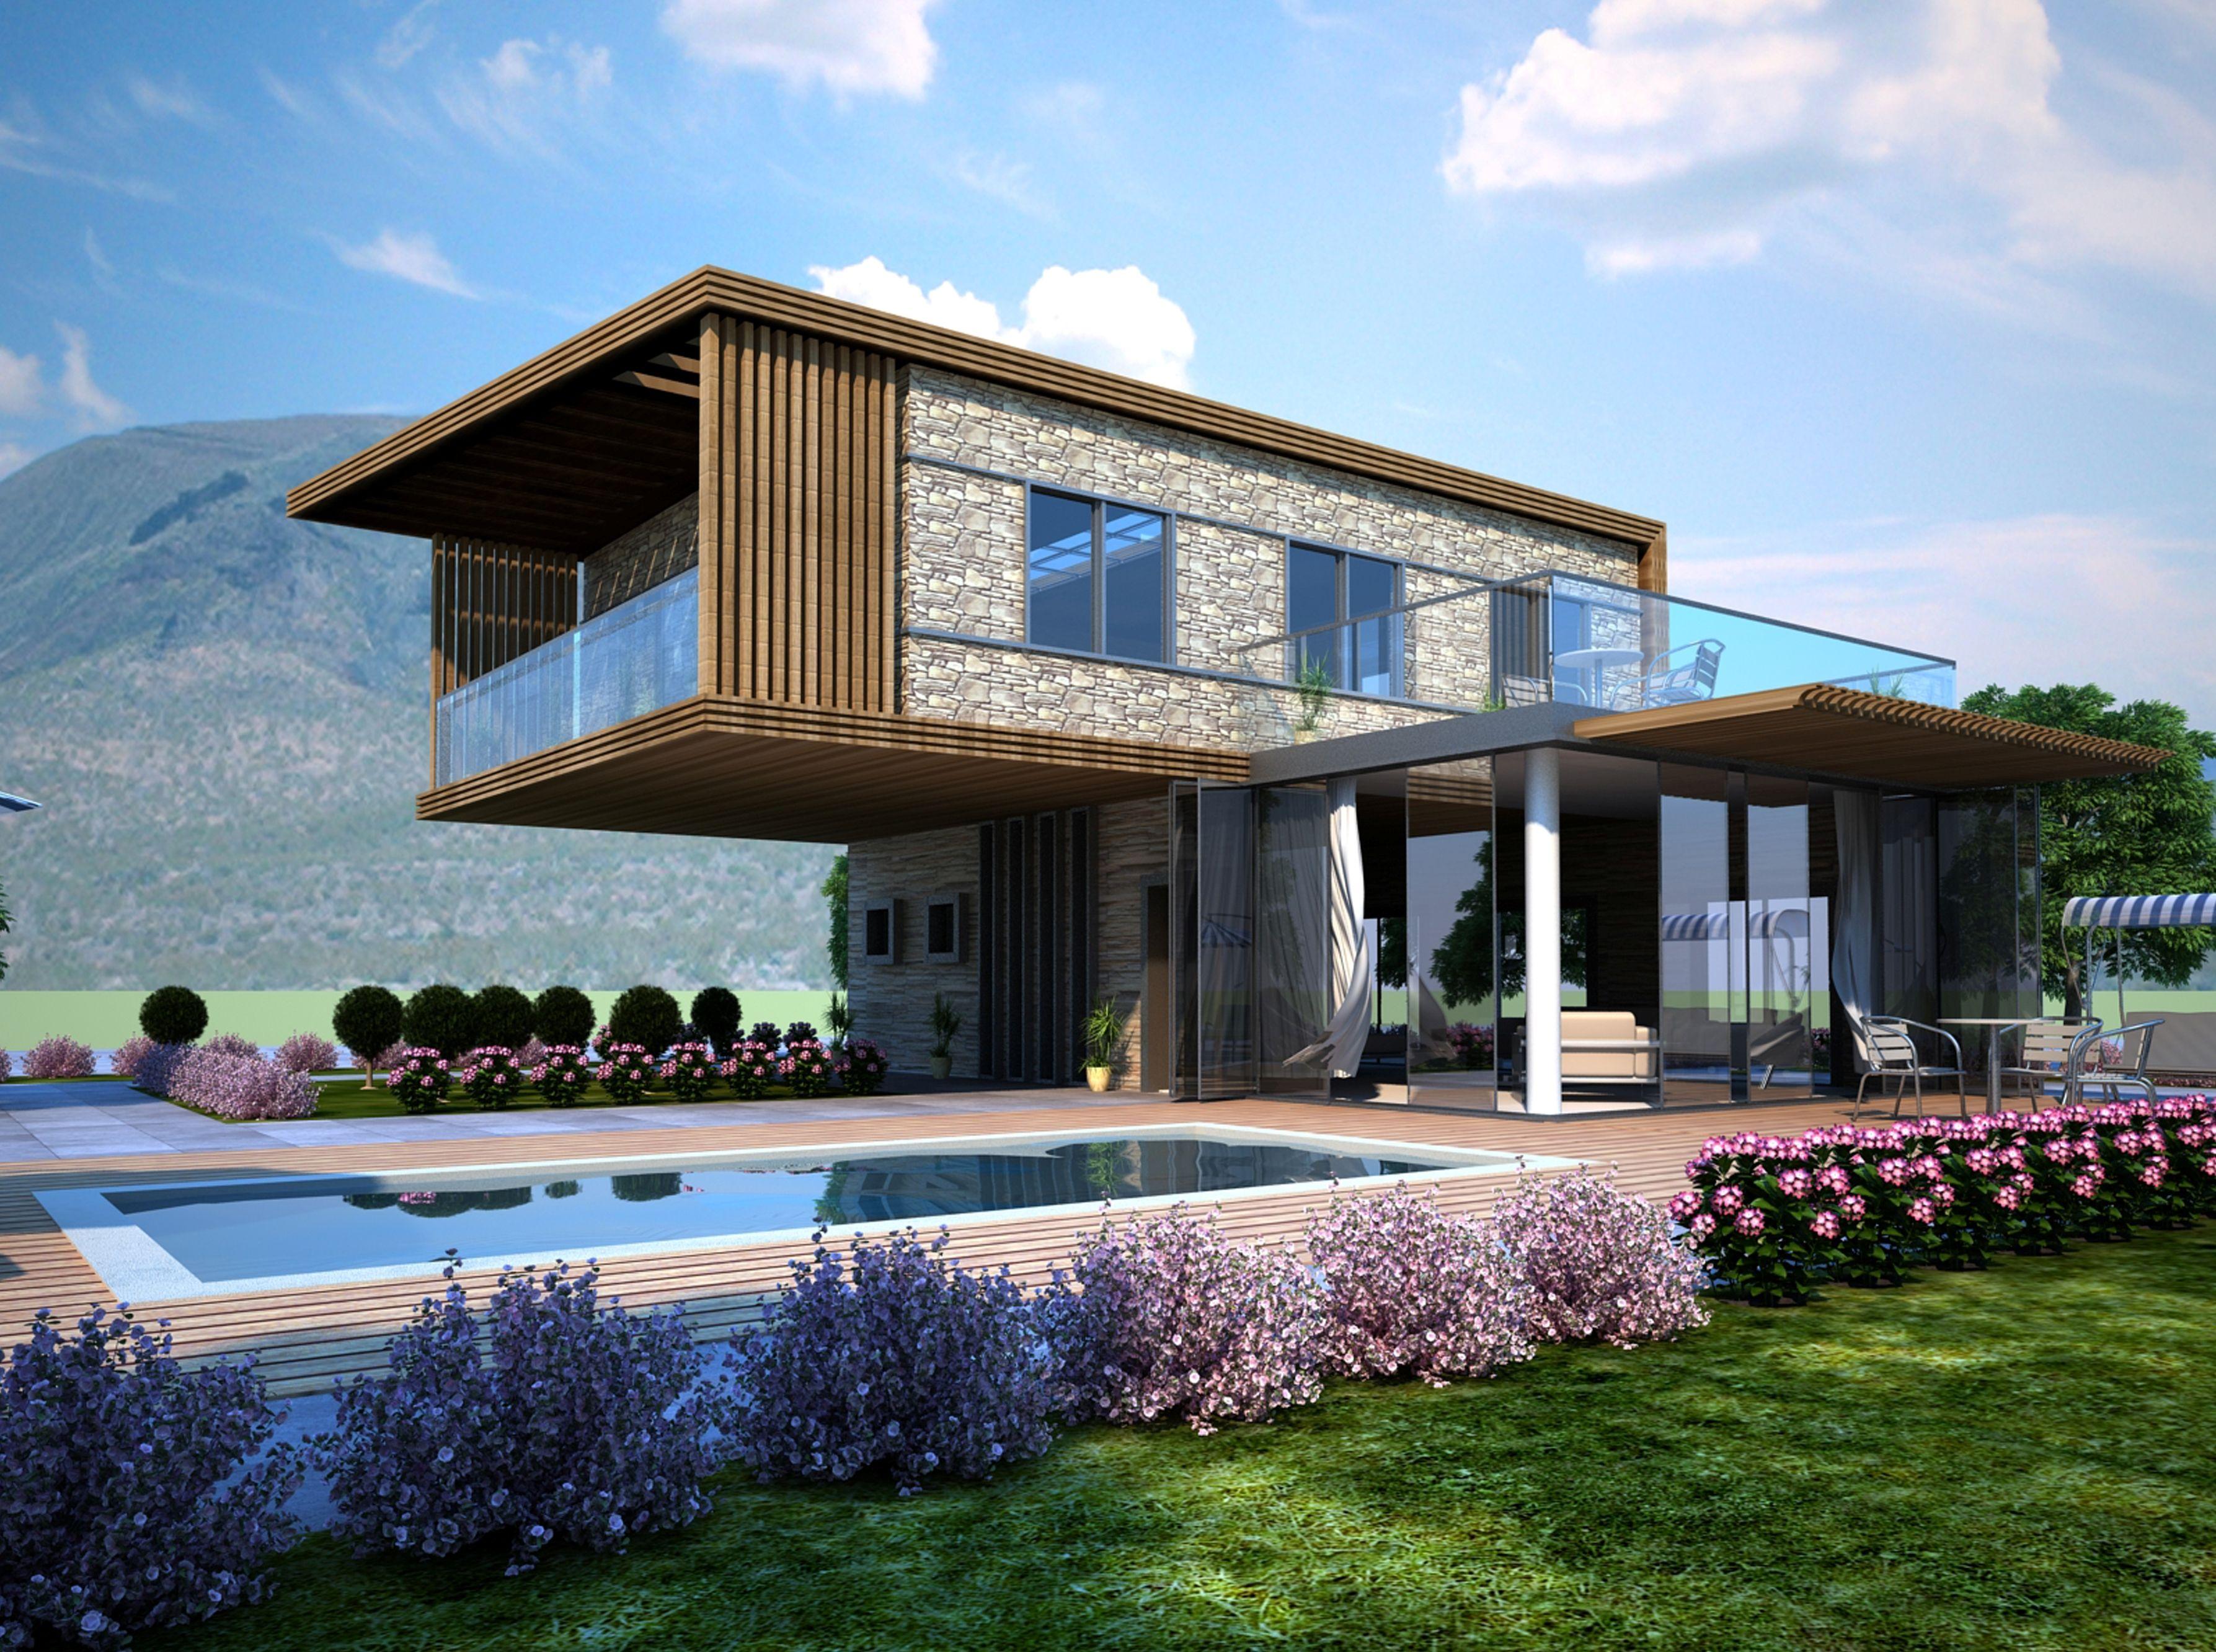 Architecture Design Concept Gooa Building Summerhouse Cesme